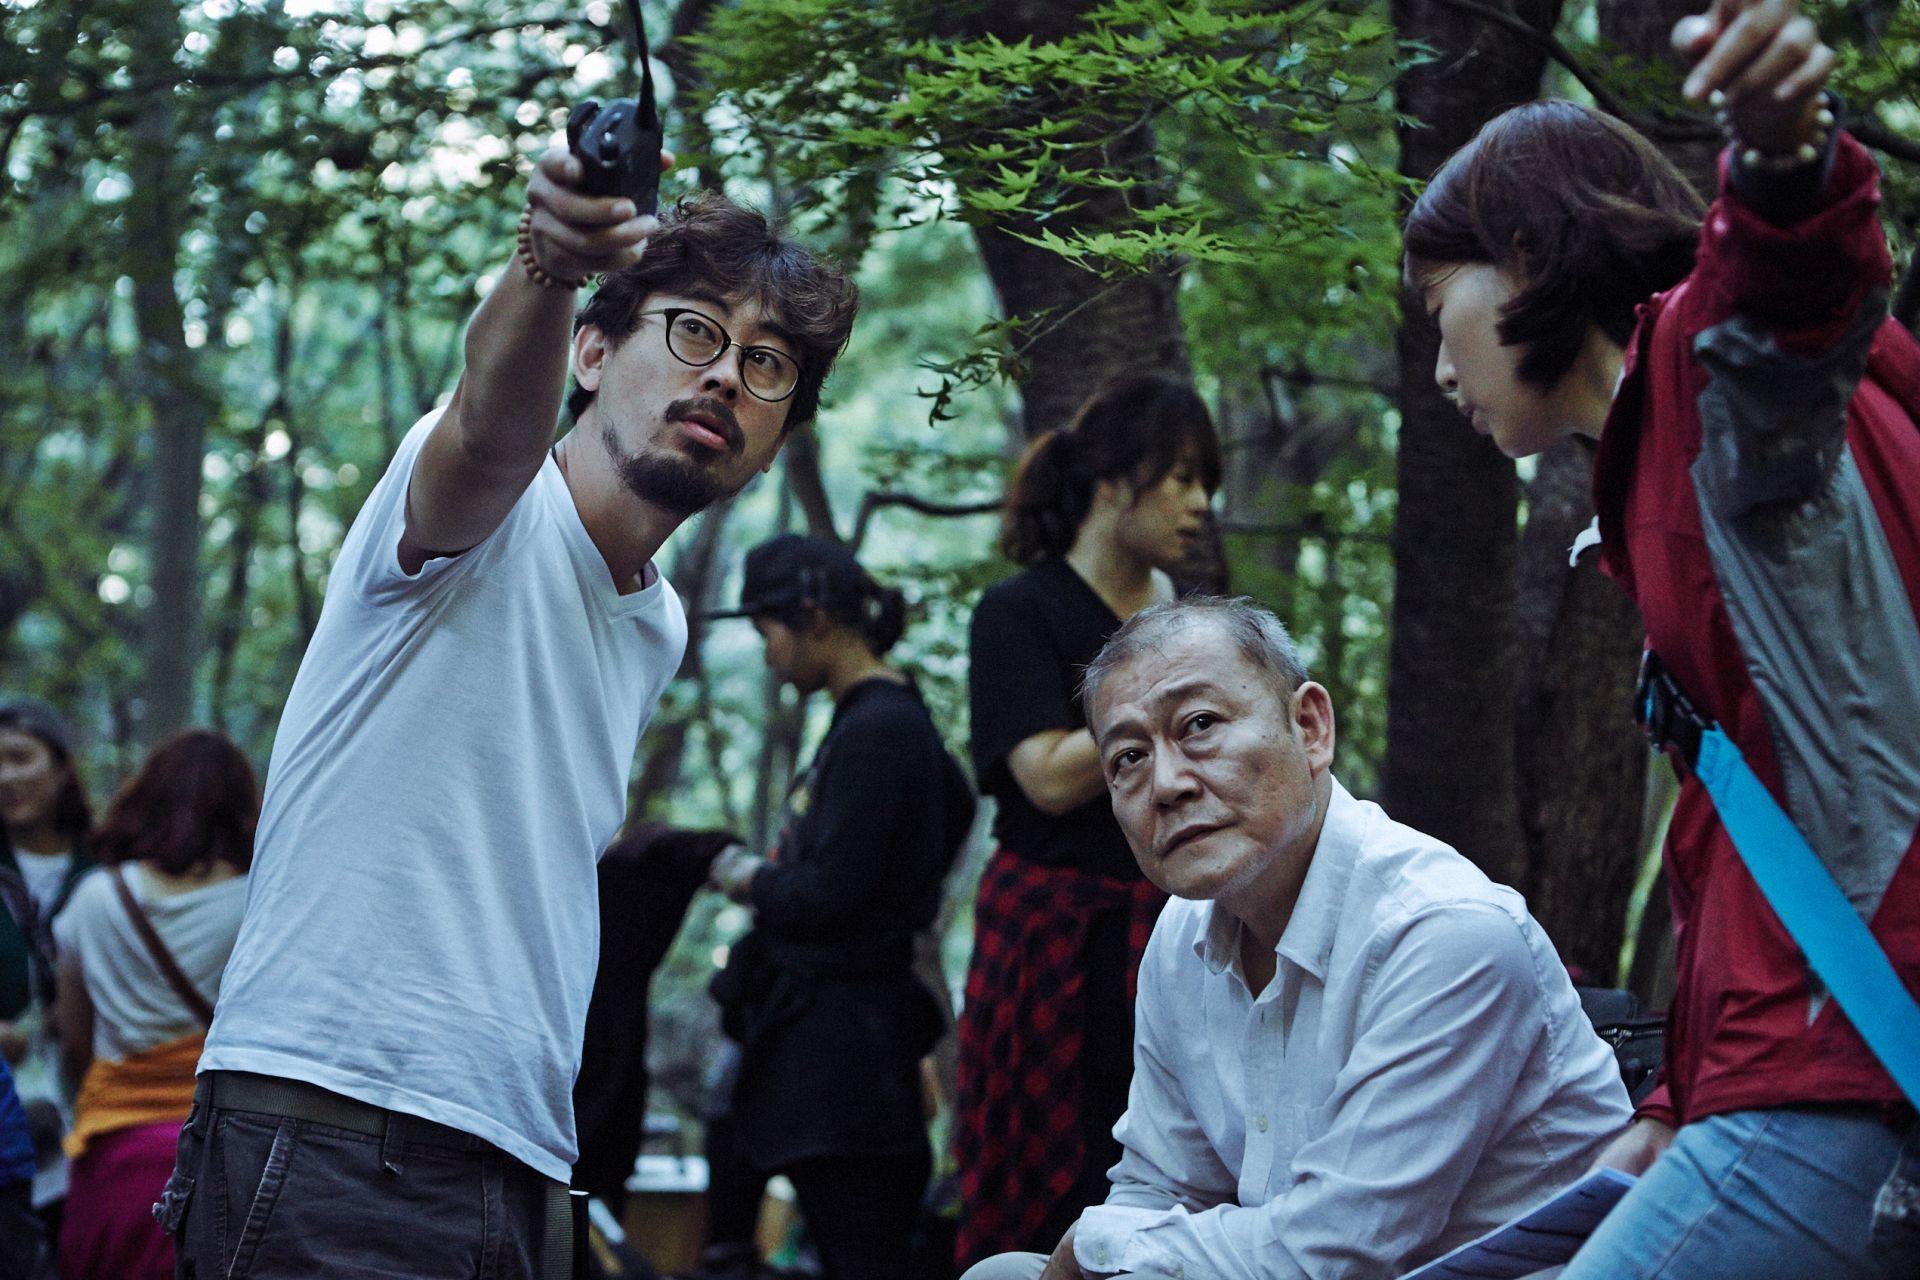 『哭声/コクソン』撮影中のナ・ホンジン監督(左)と國村隼(右)